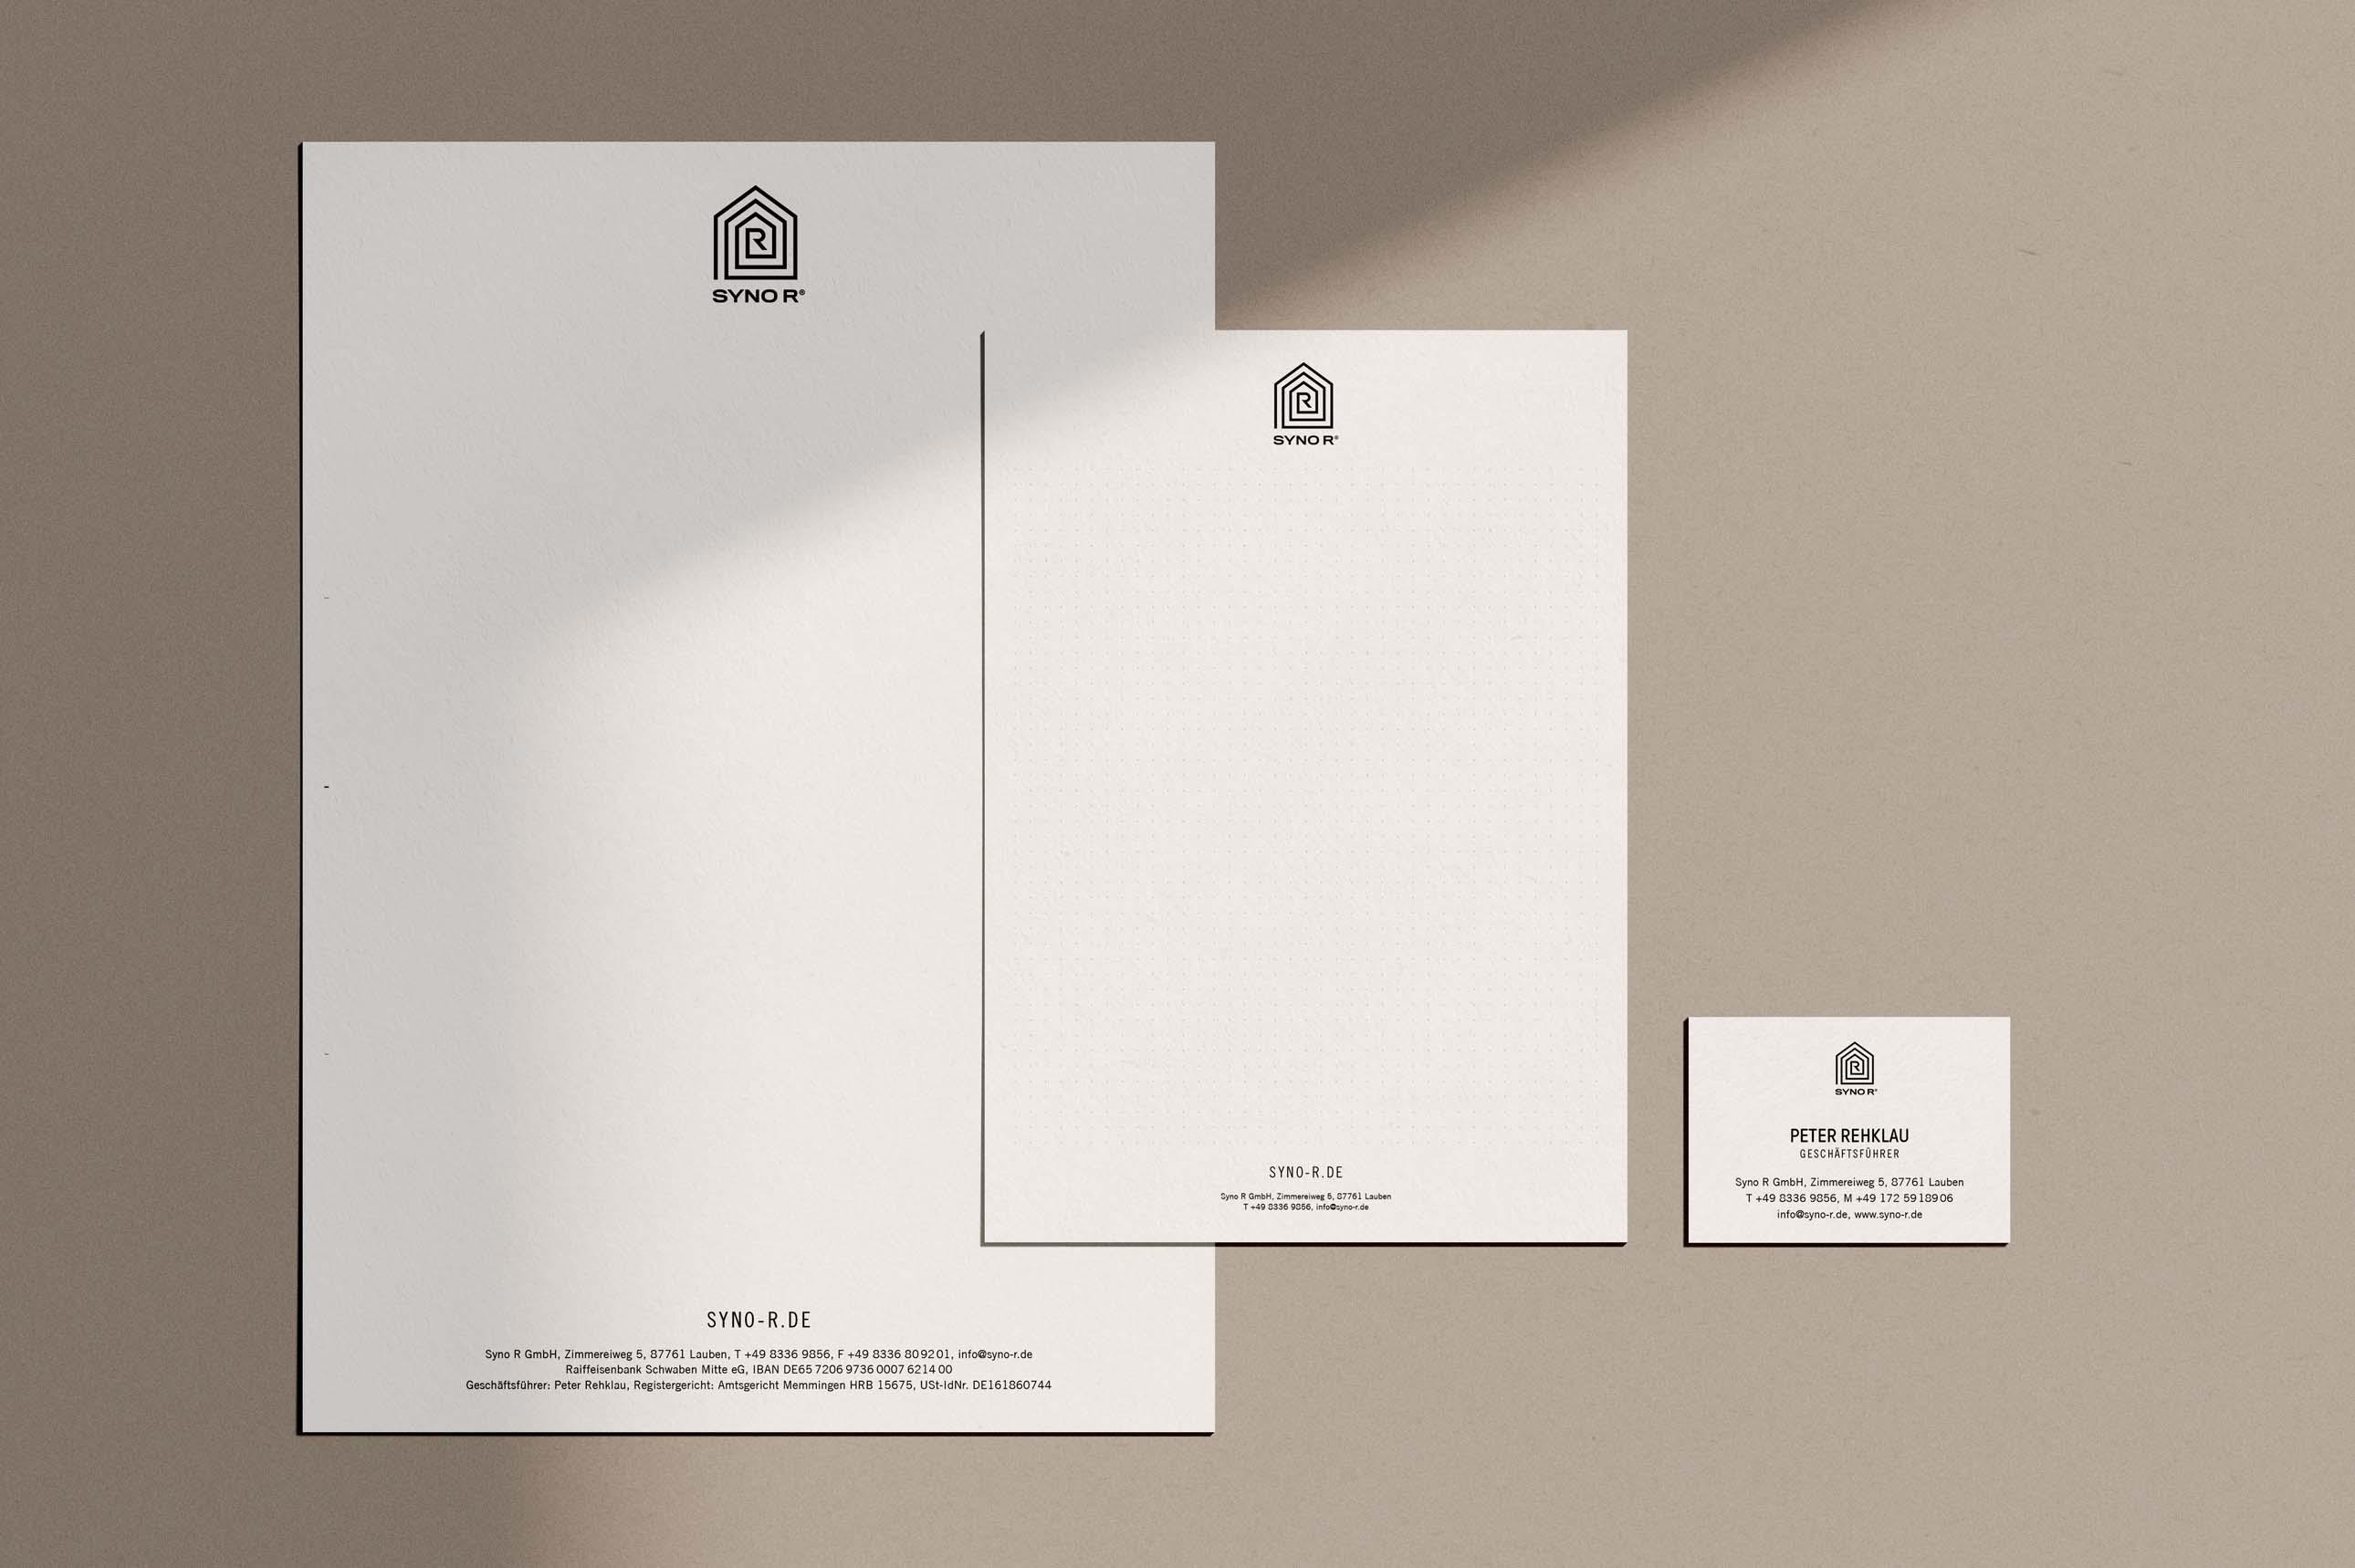 Grafikdesign der Geschäftsausstattung von Syno R im Allgäu